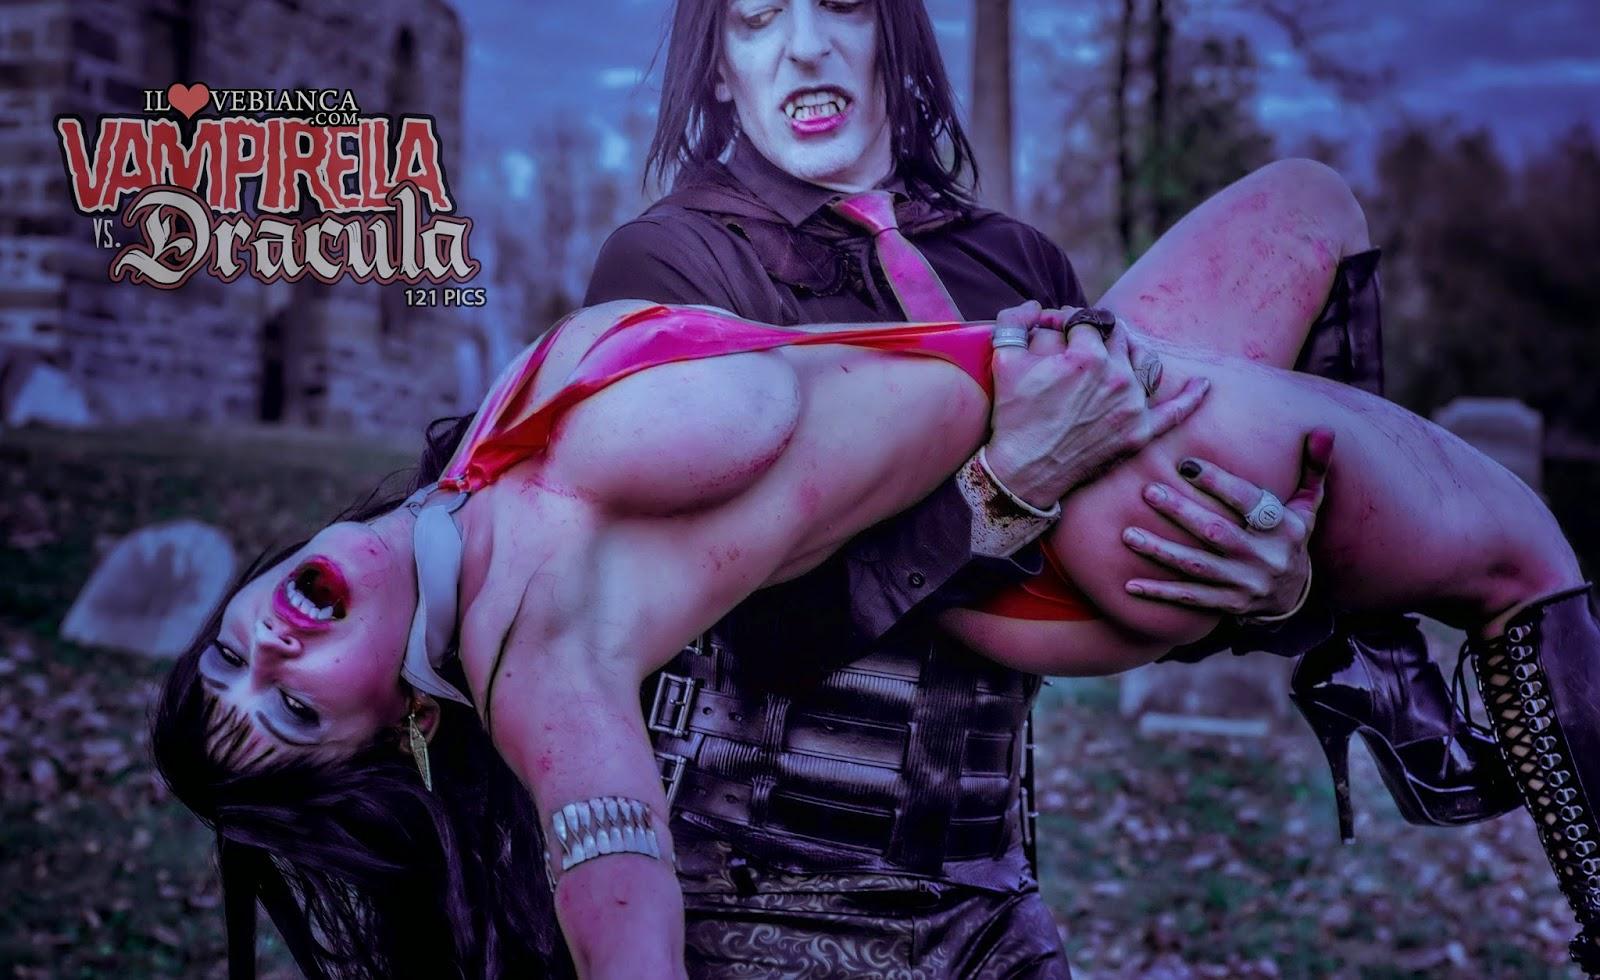 Vampirella porno star pictures porn film